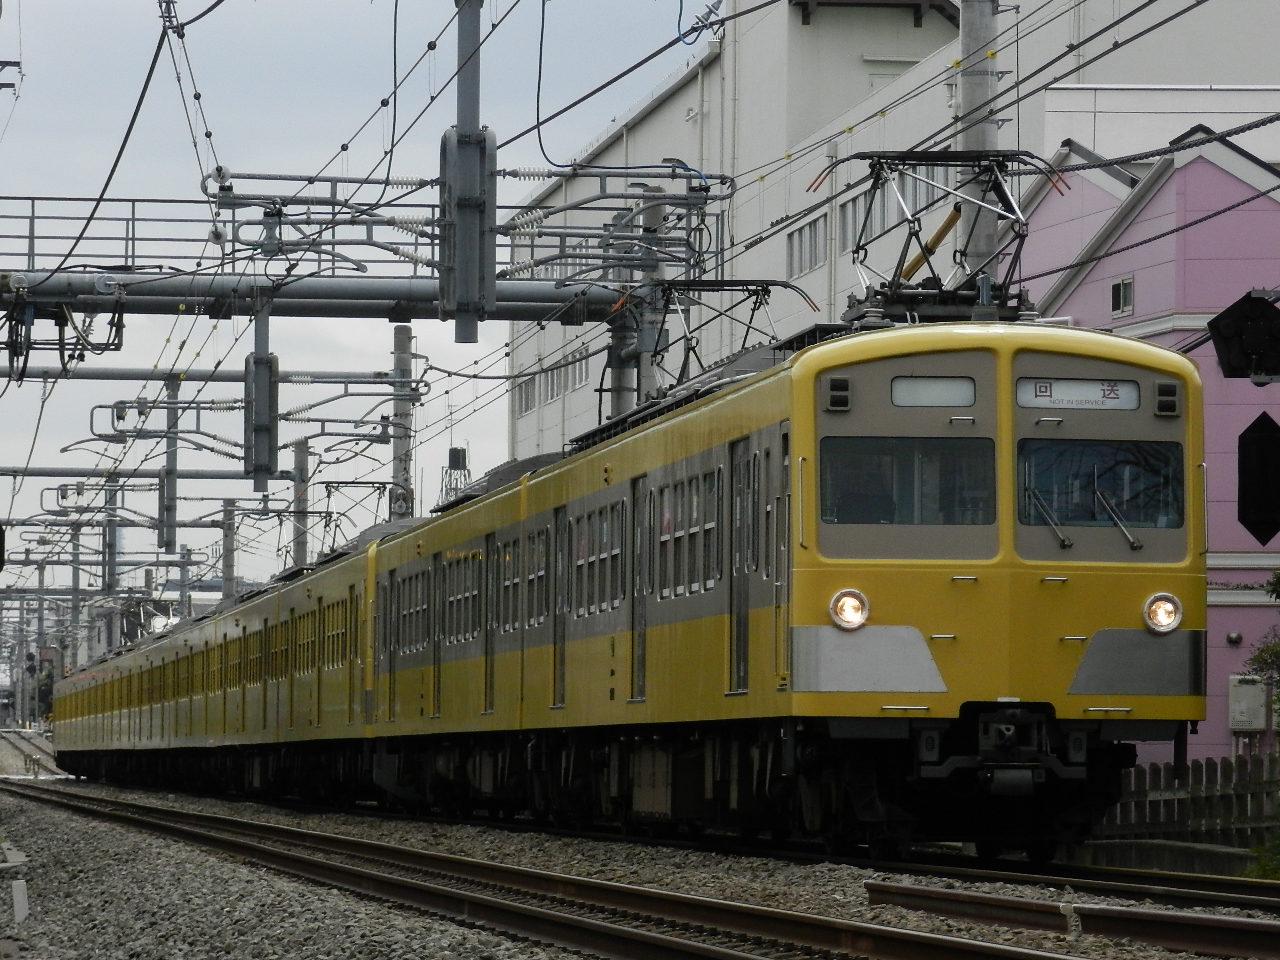 DSCN2702.jpg